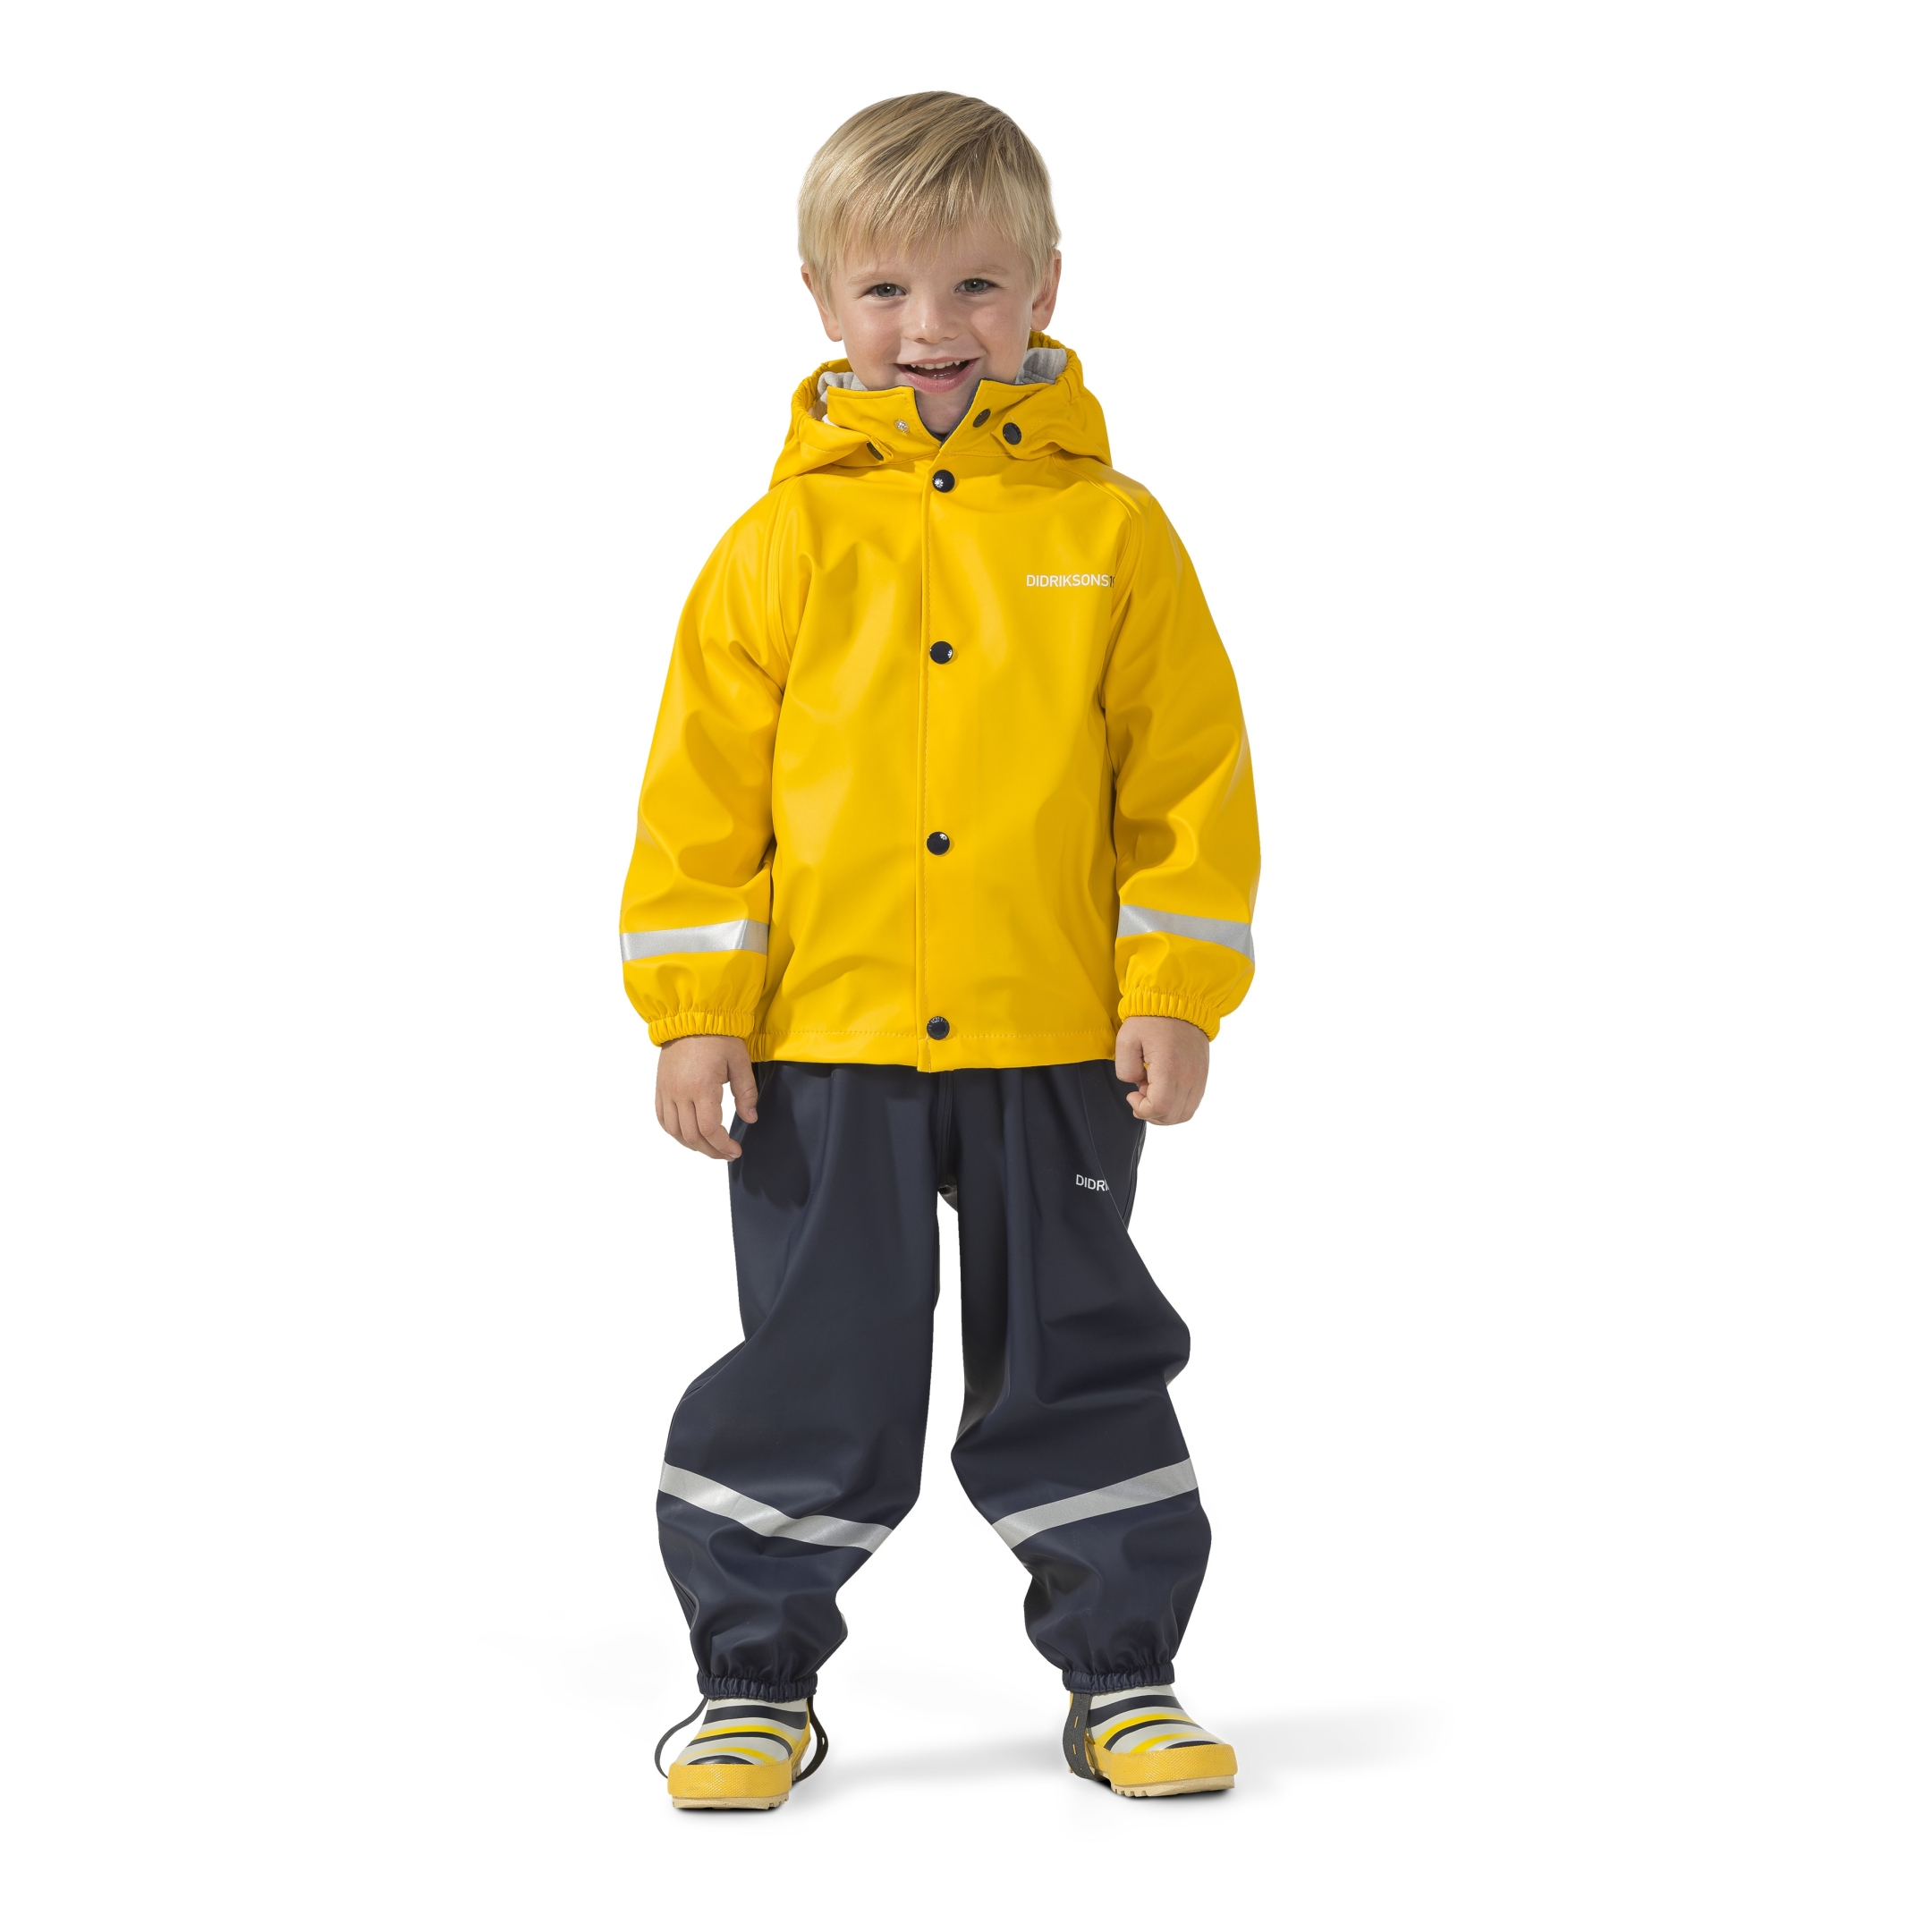 Дидриксон детский костюм дождевой SLASKEMAN + средство для стирки, - фото 1